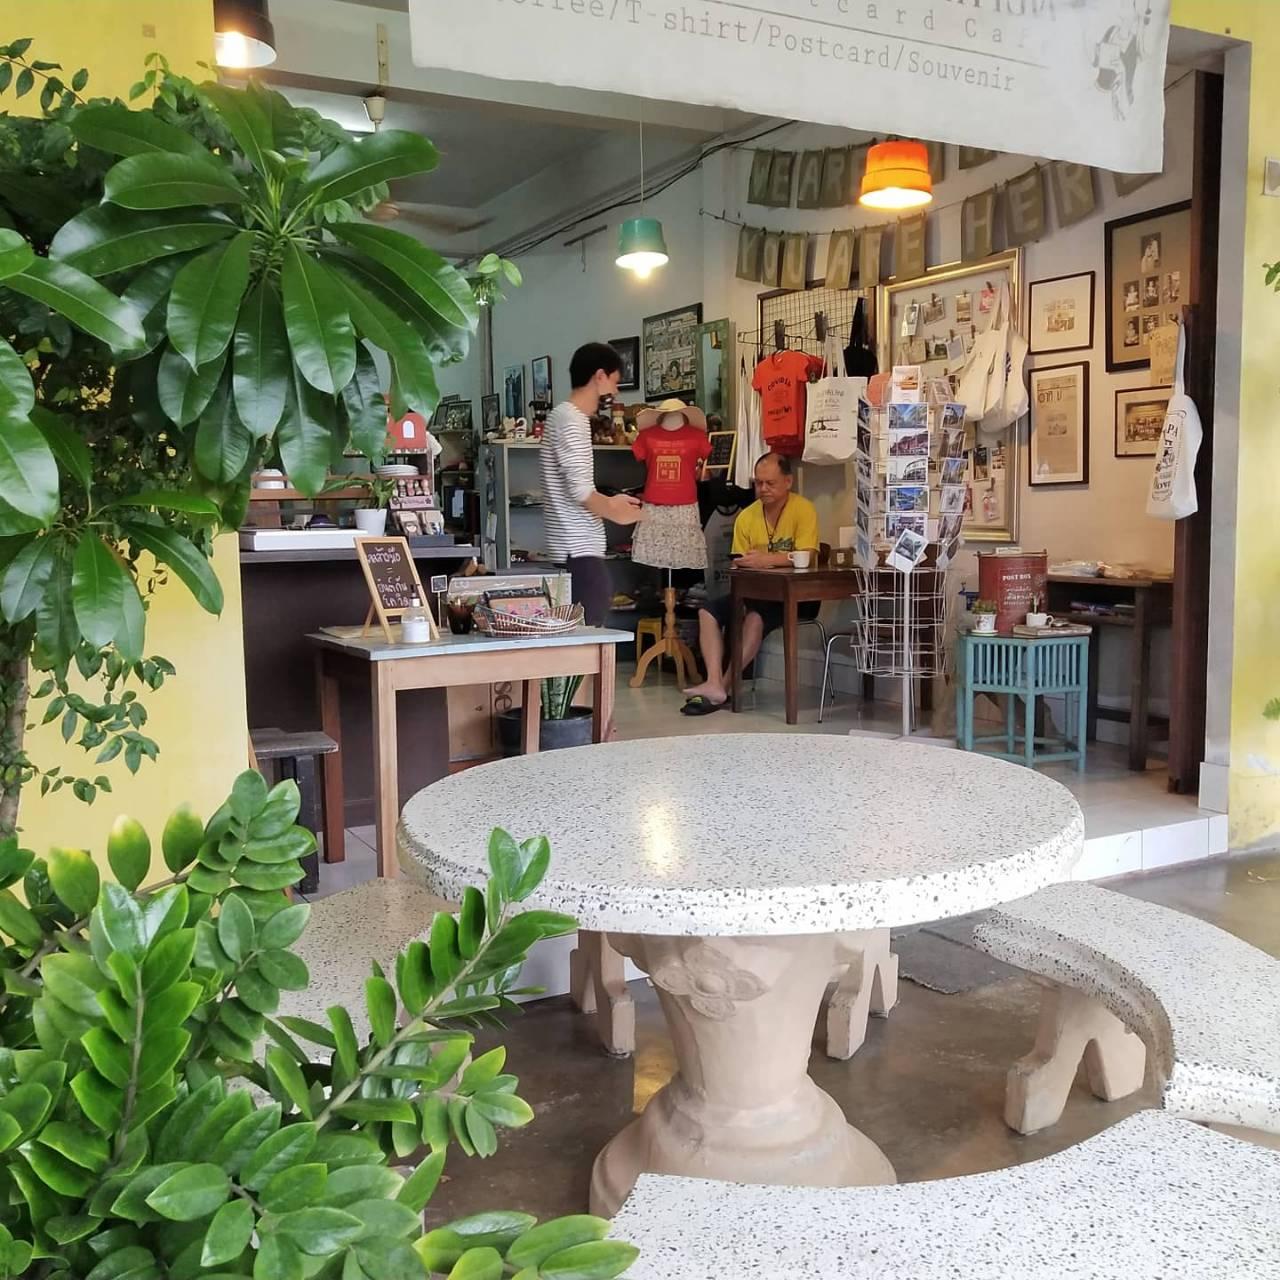 ร้านกาแฟตะกั่วป่าโปสการ์ด